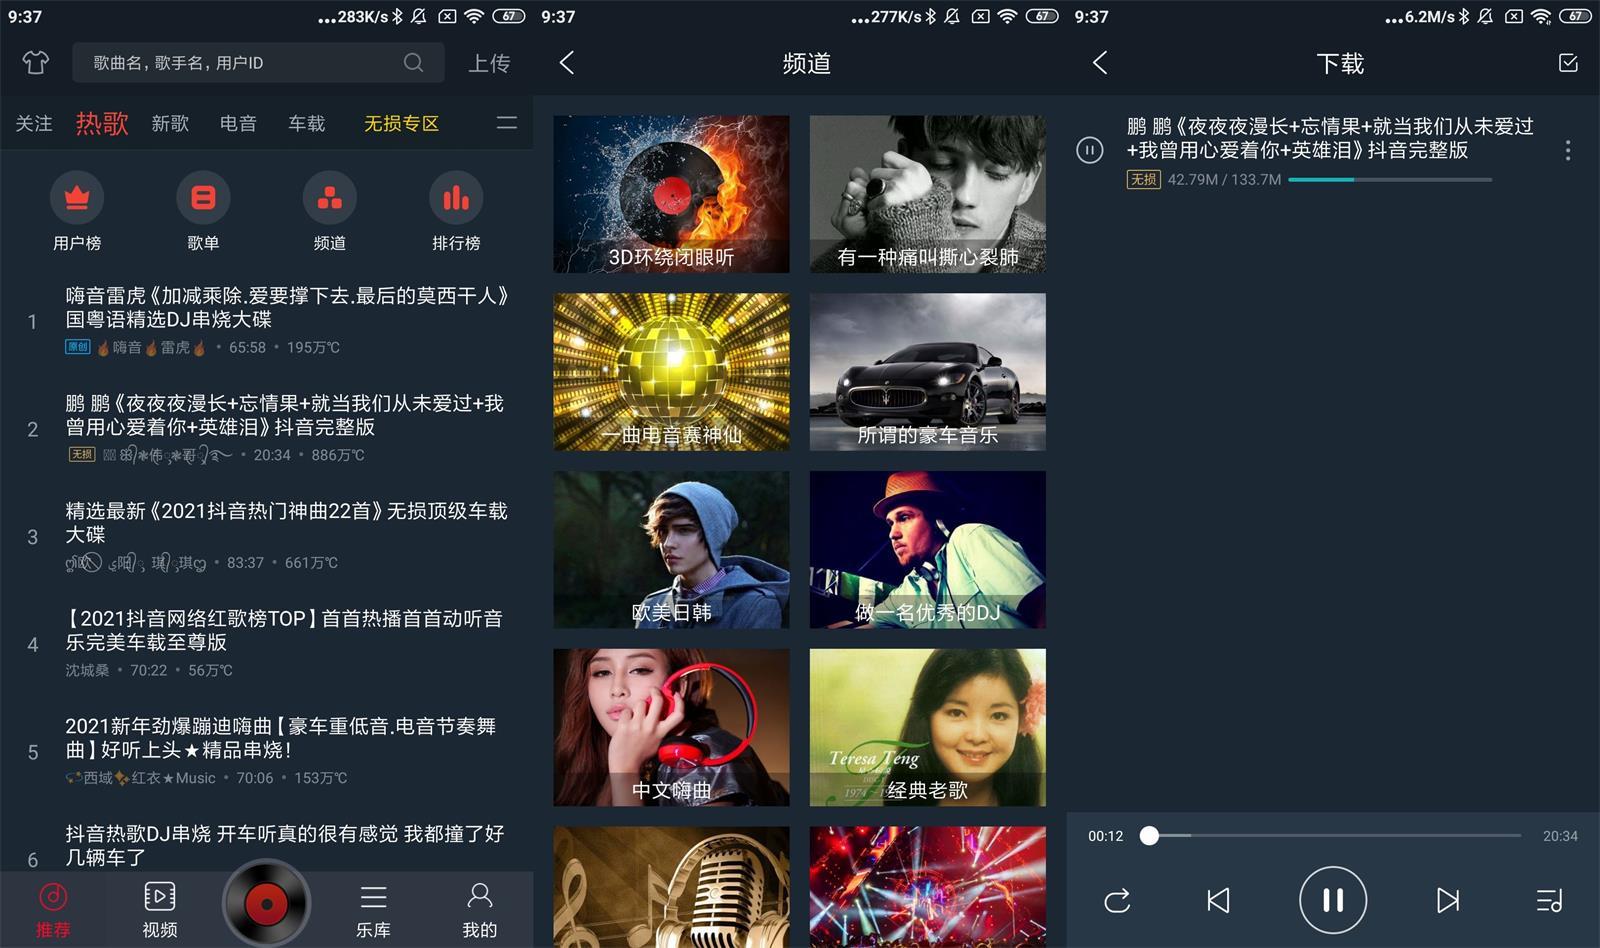 安卓DJ多多v4.7.2绿化版-云奇网